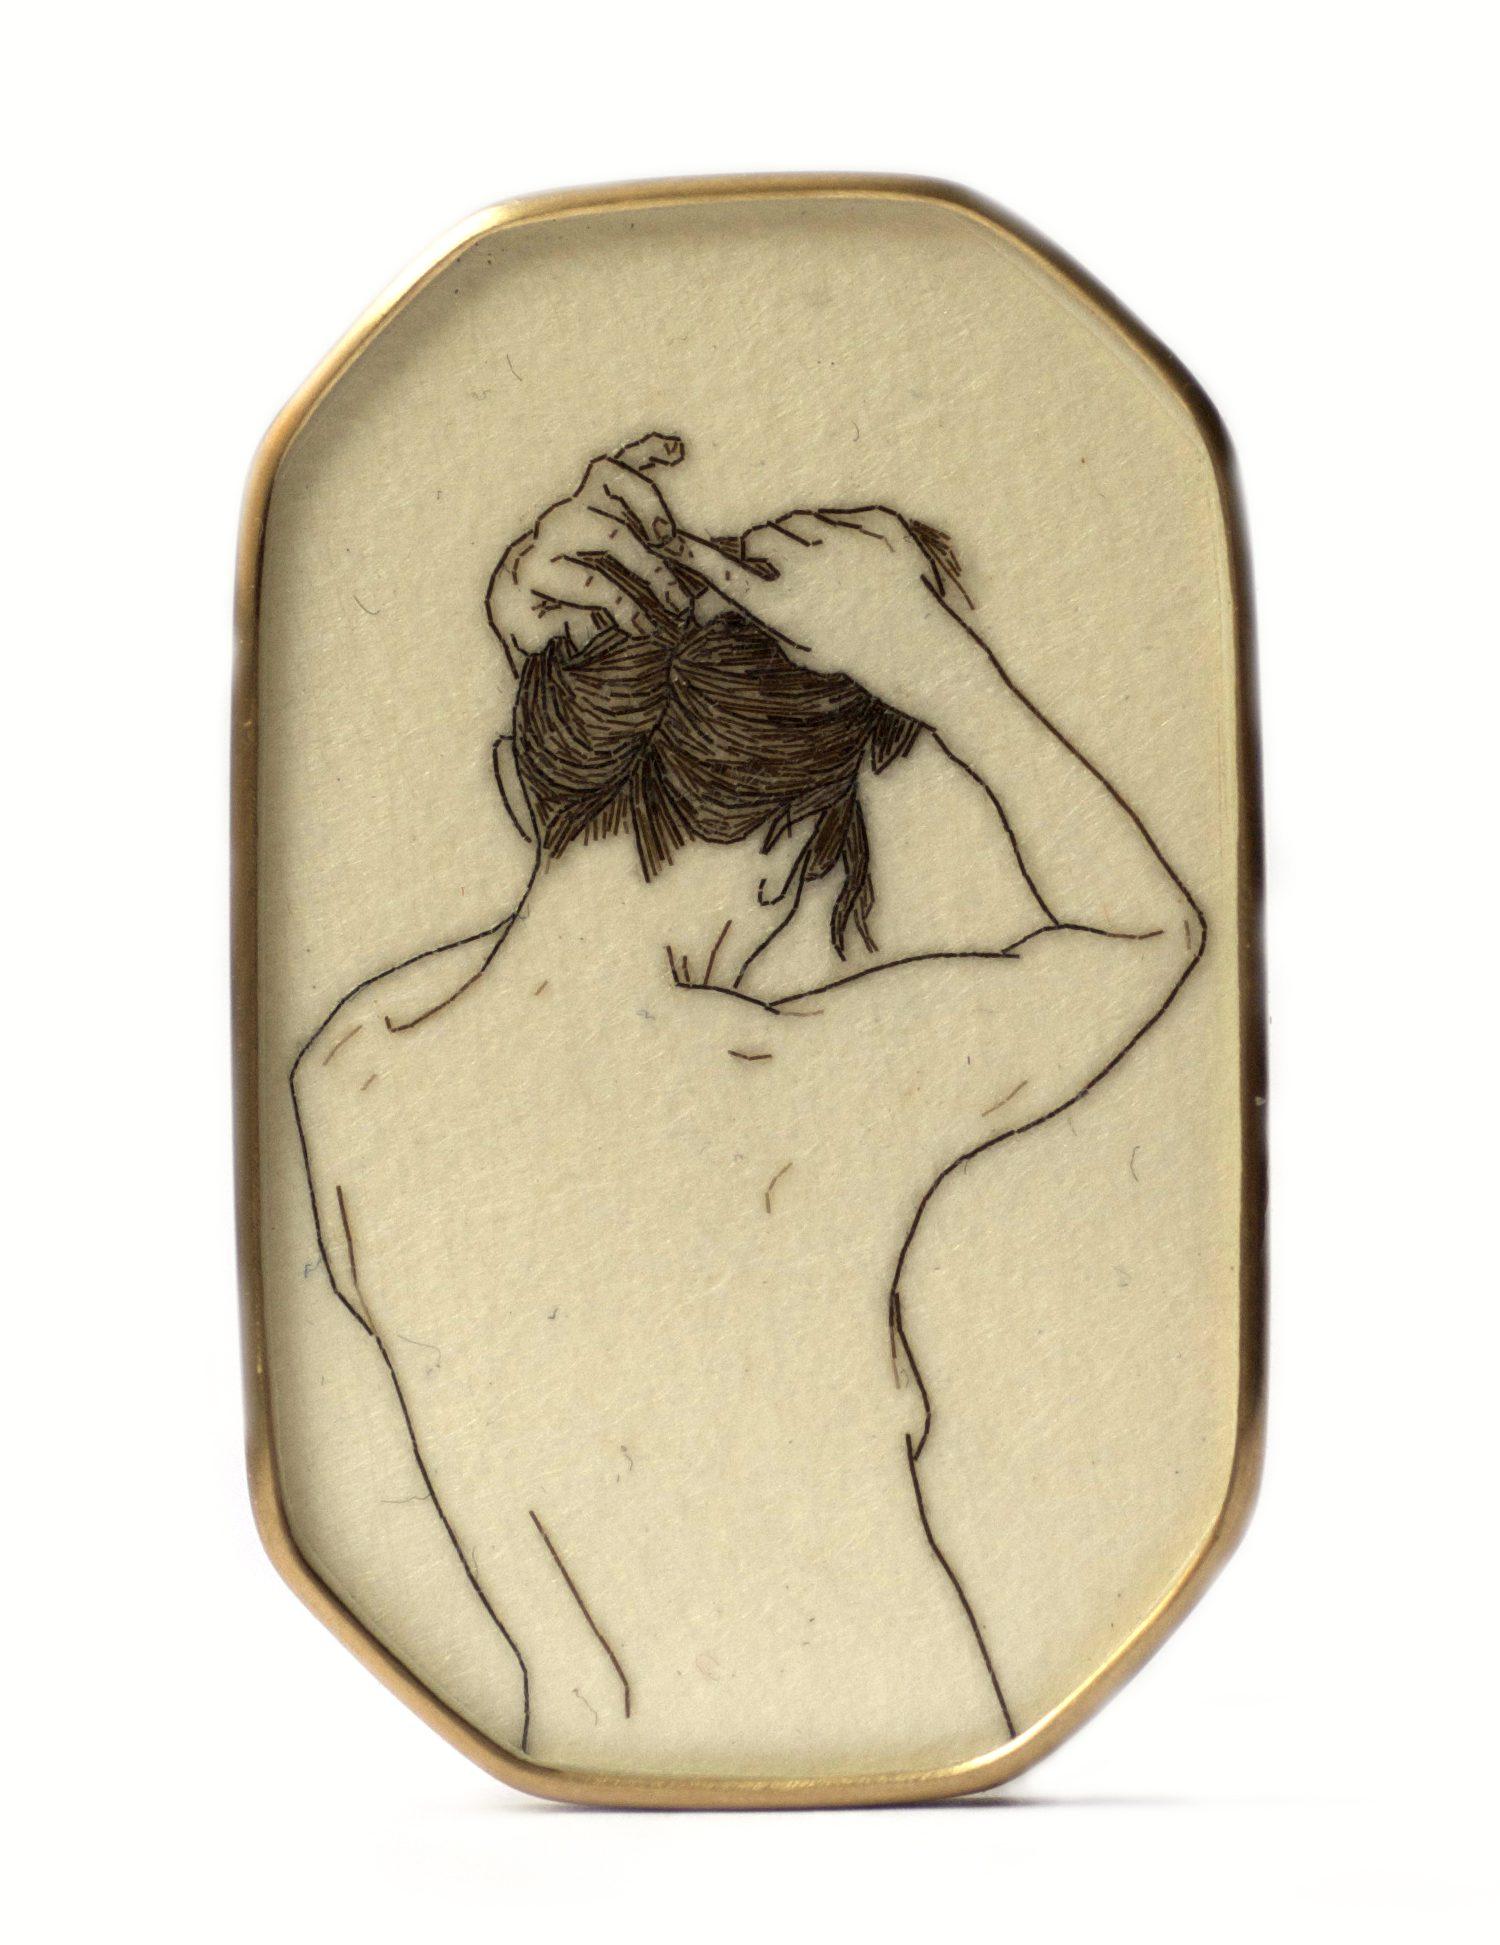 Melanie Bilenker, broche, 2013, voorzijde. Foto Sienna Patti, menselijk haar, papier, goud, kristal, Von Hier und Dort, 2015